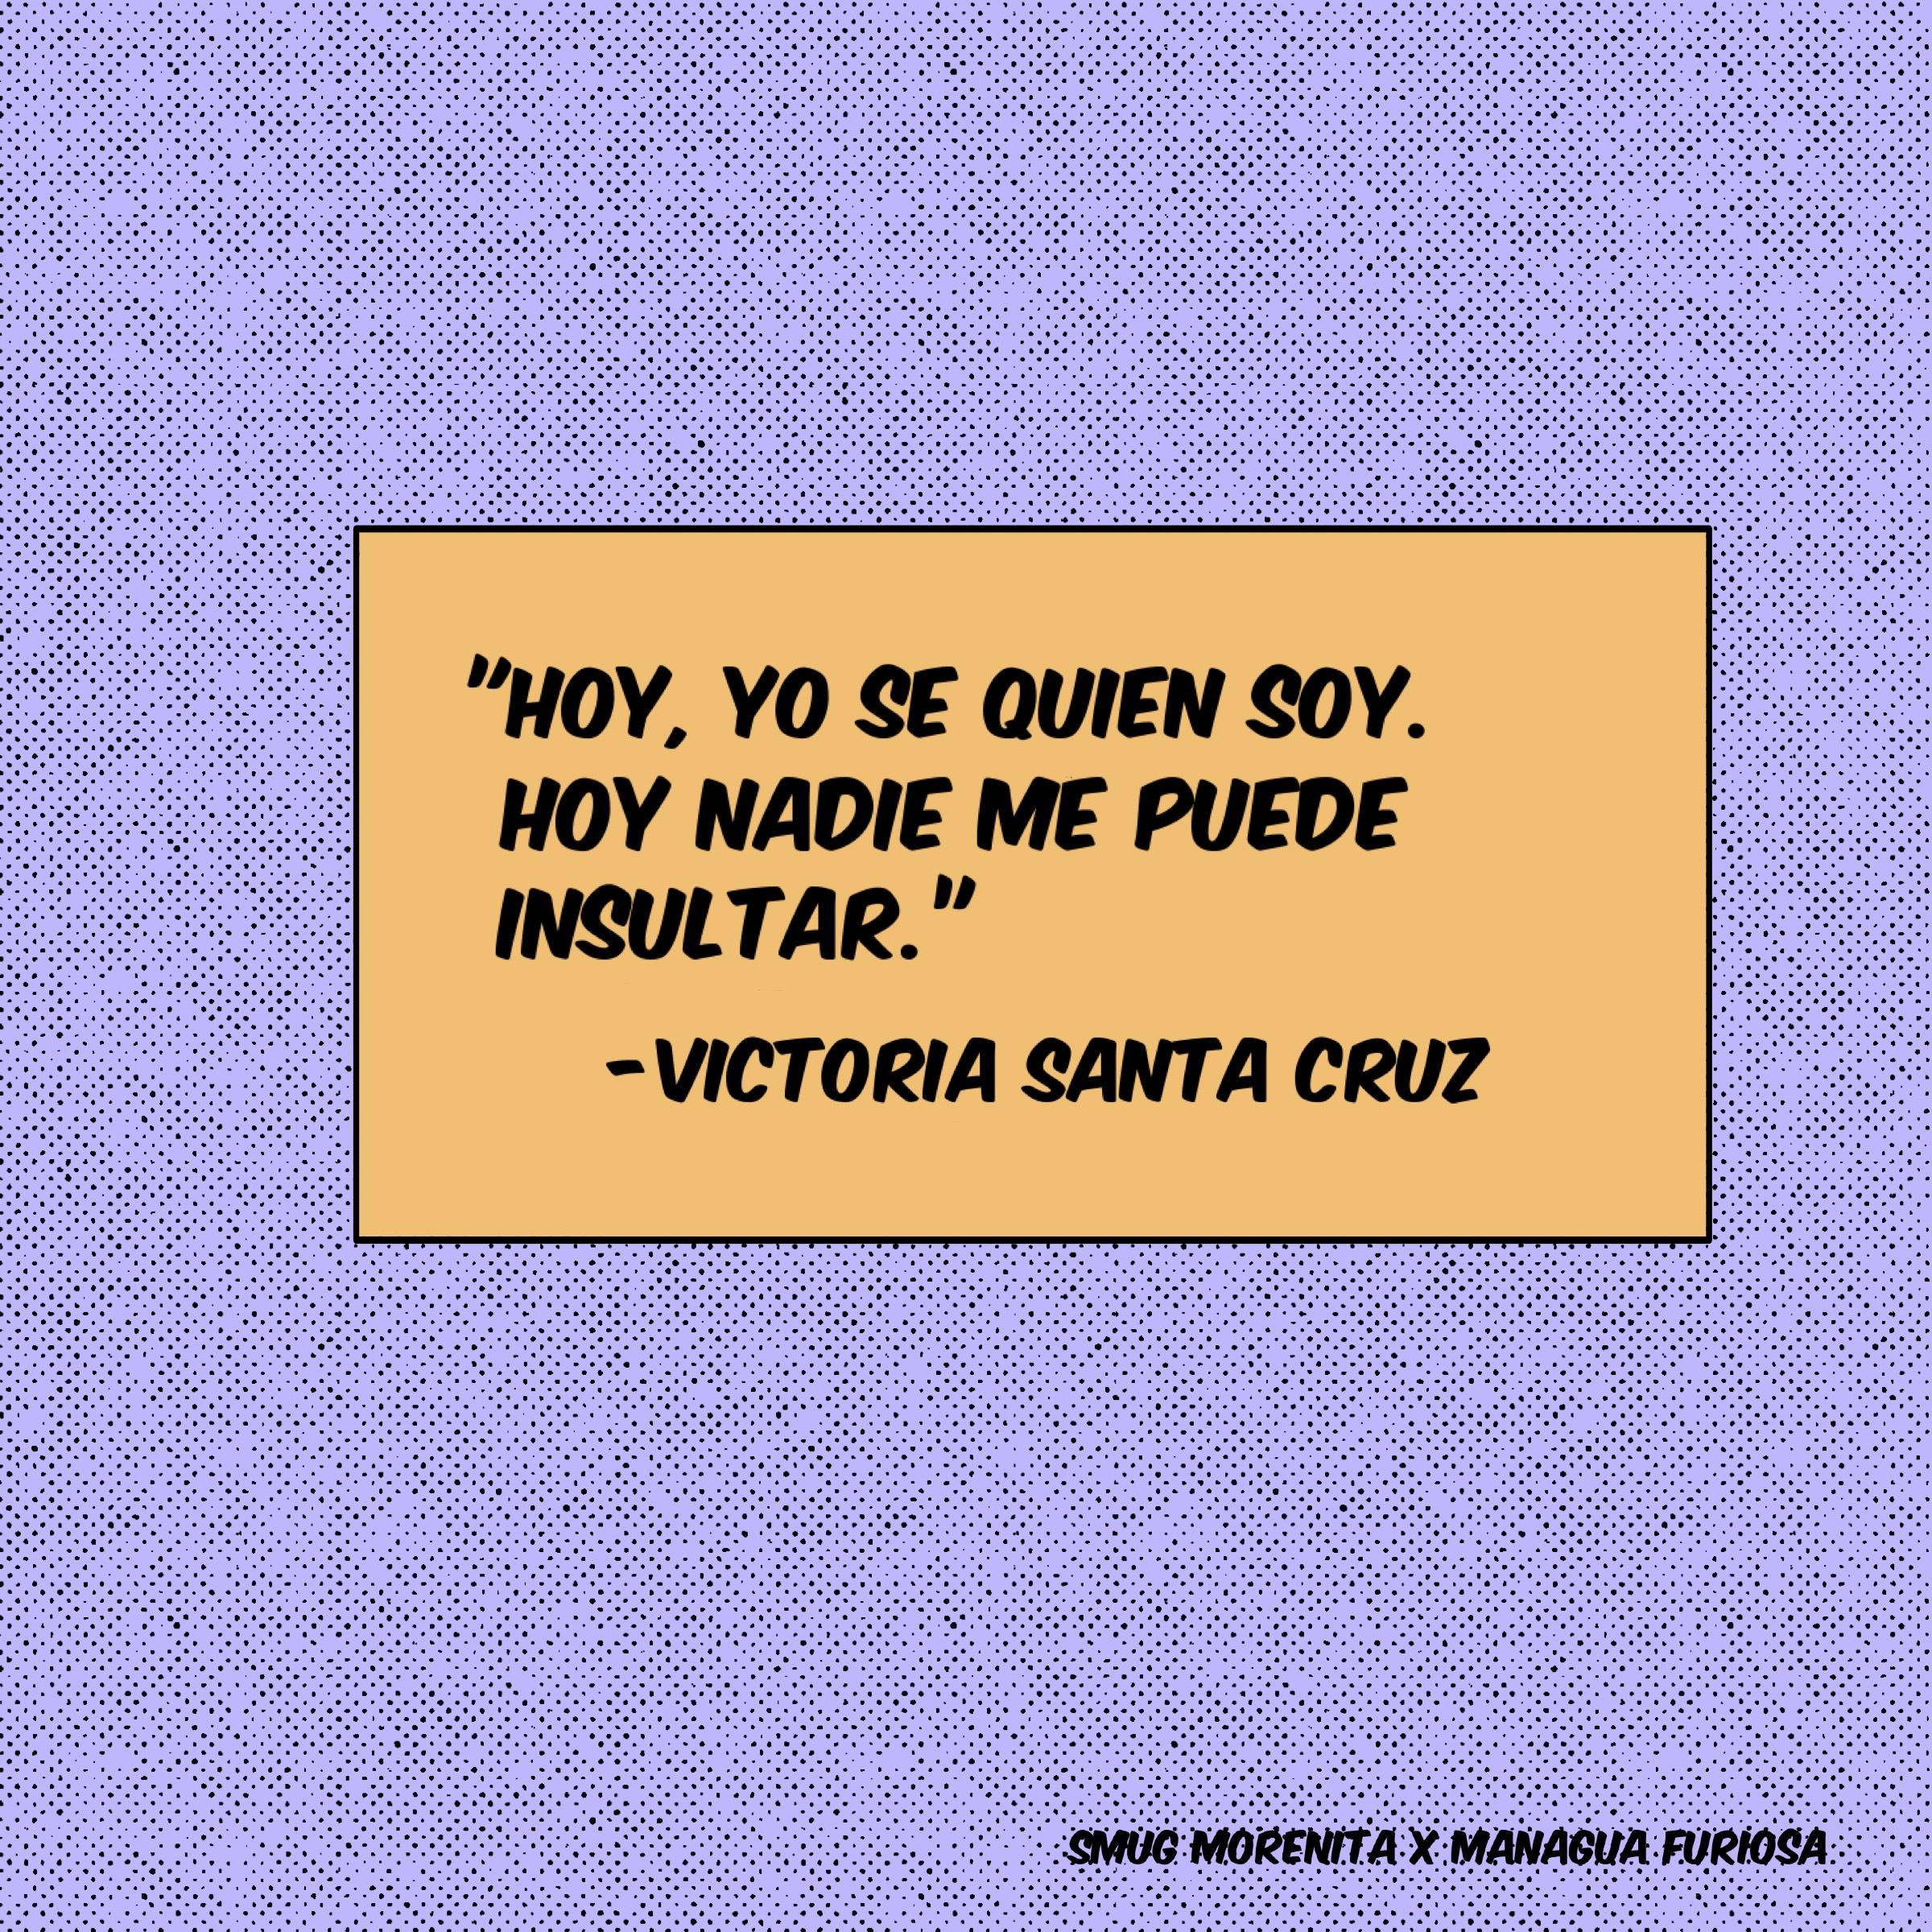 Victoria Santa Cruz Quote - Web Image .jpg